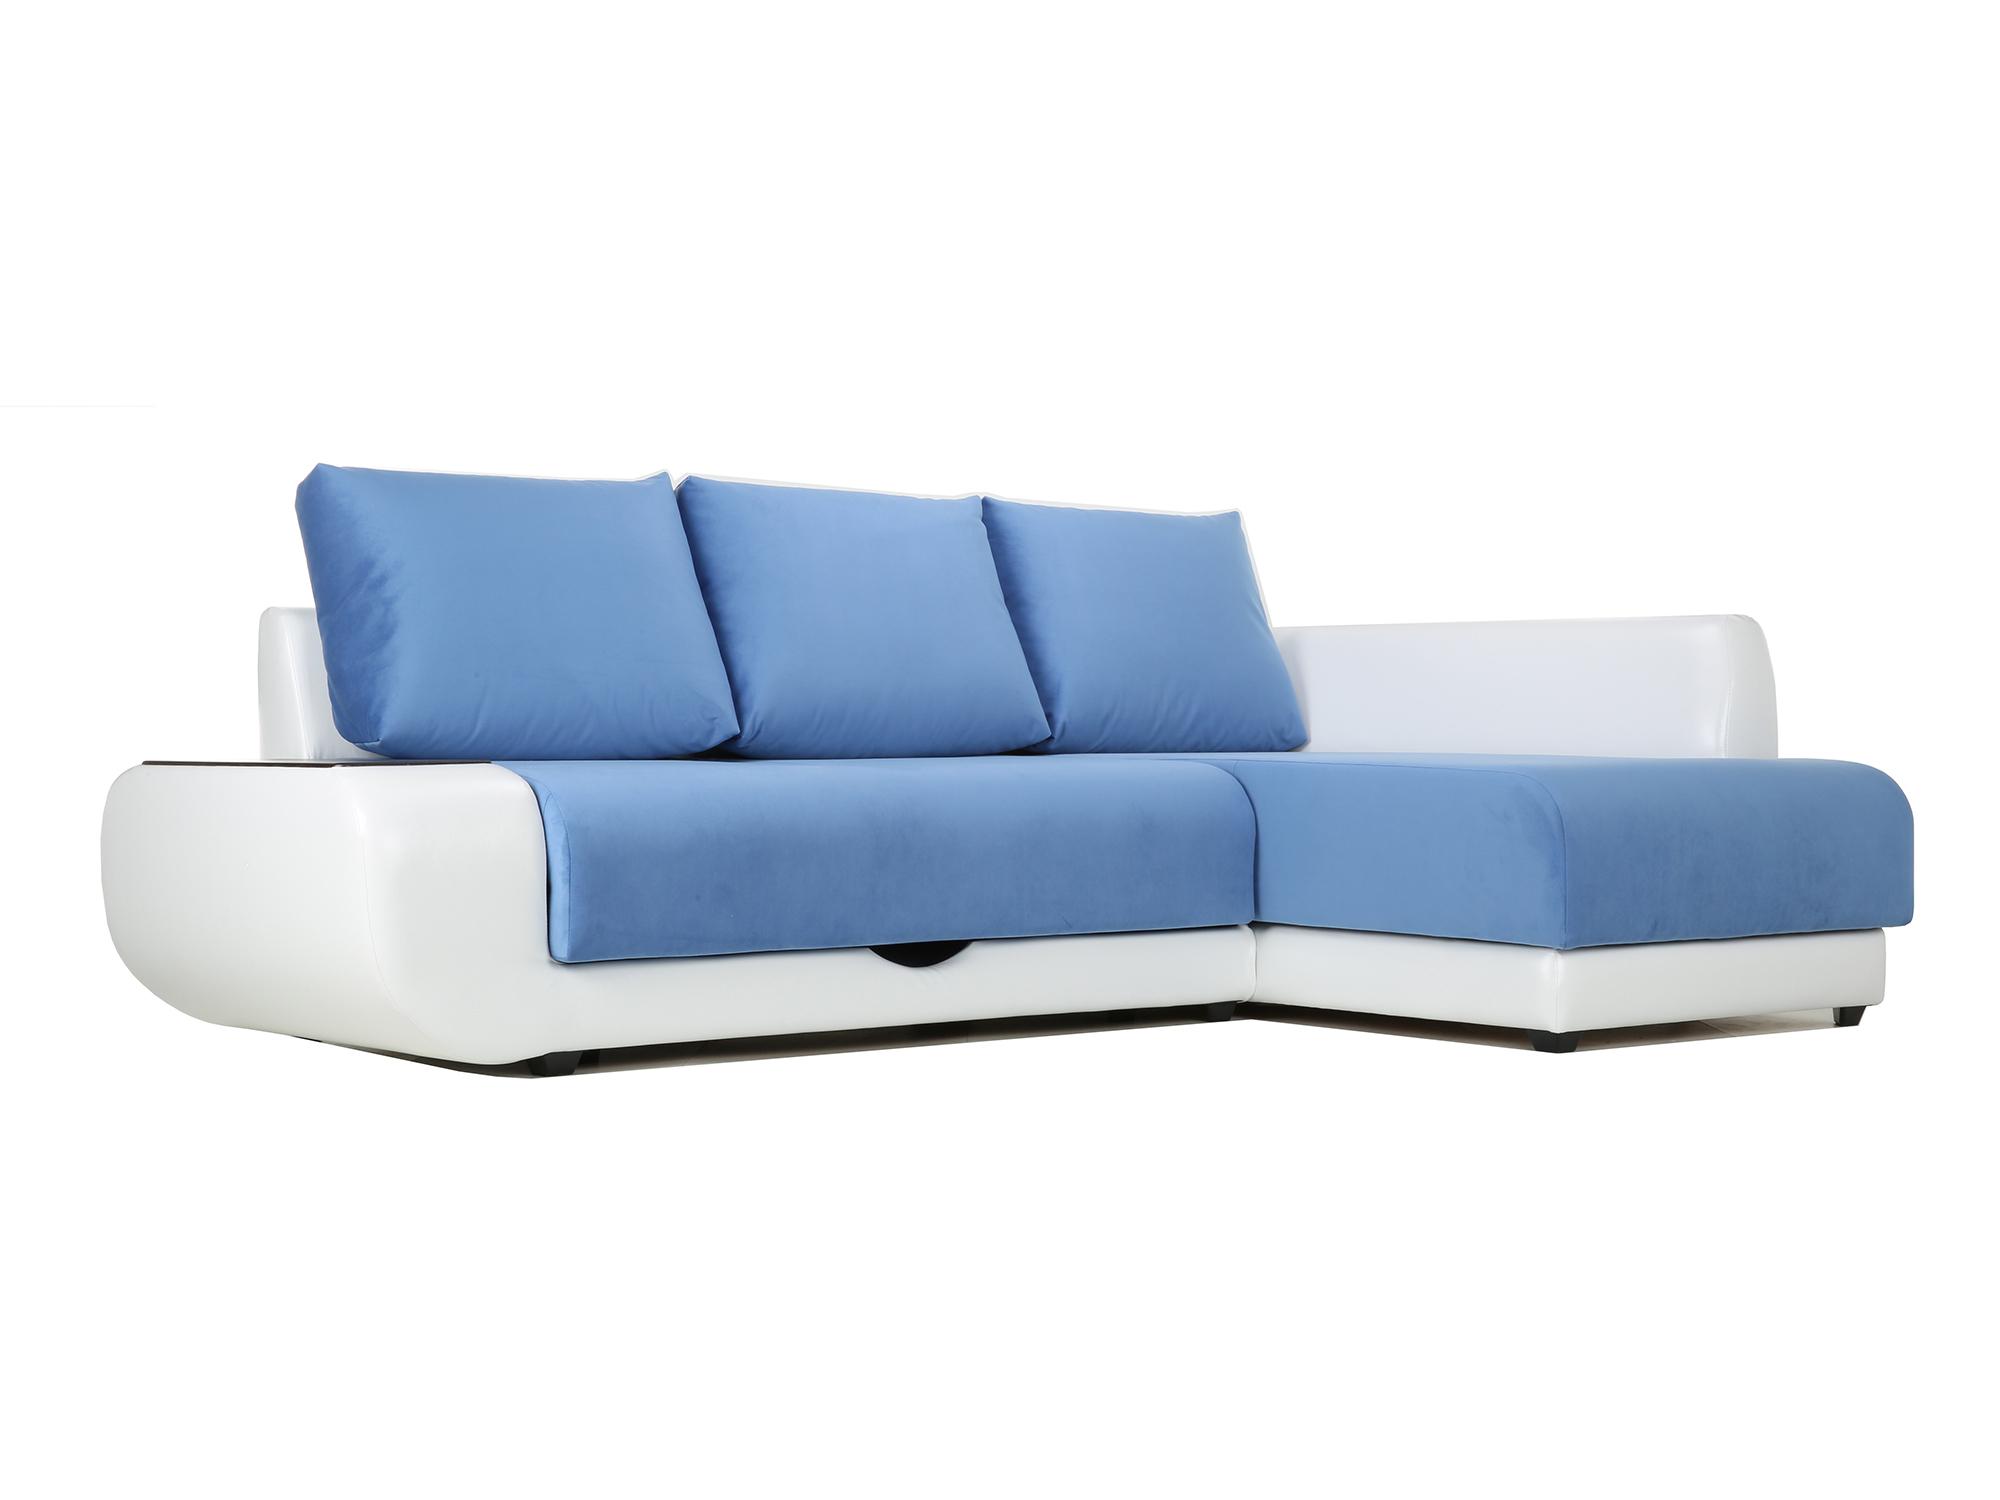 Угловой диван с независимым пружинным блоком Поло ПБ (Нью-Йорк) Правый MebelVia Белый, Синий